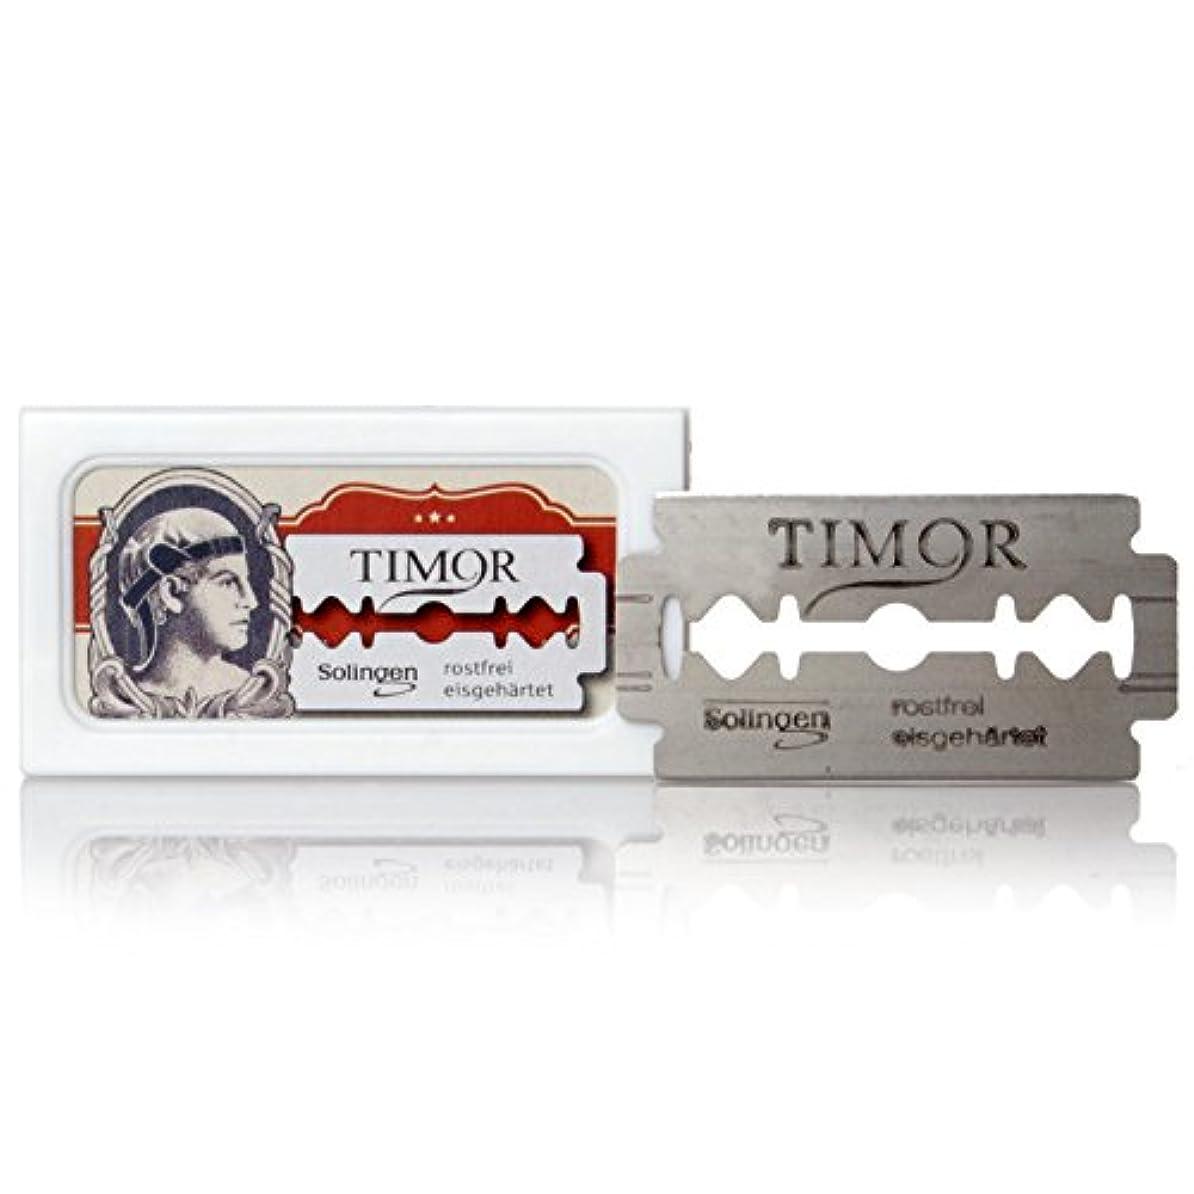 名門今整然としたTimor - razor blades, stainless, 10 pieces